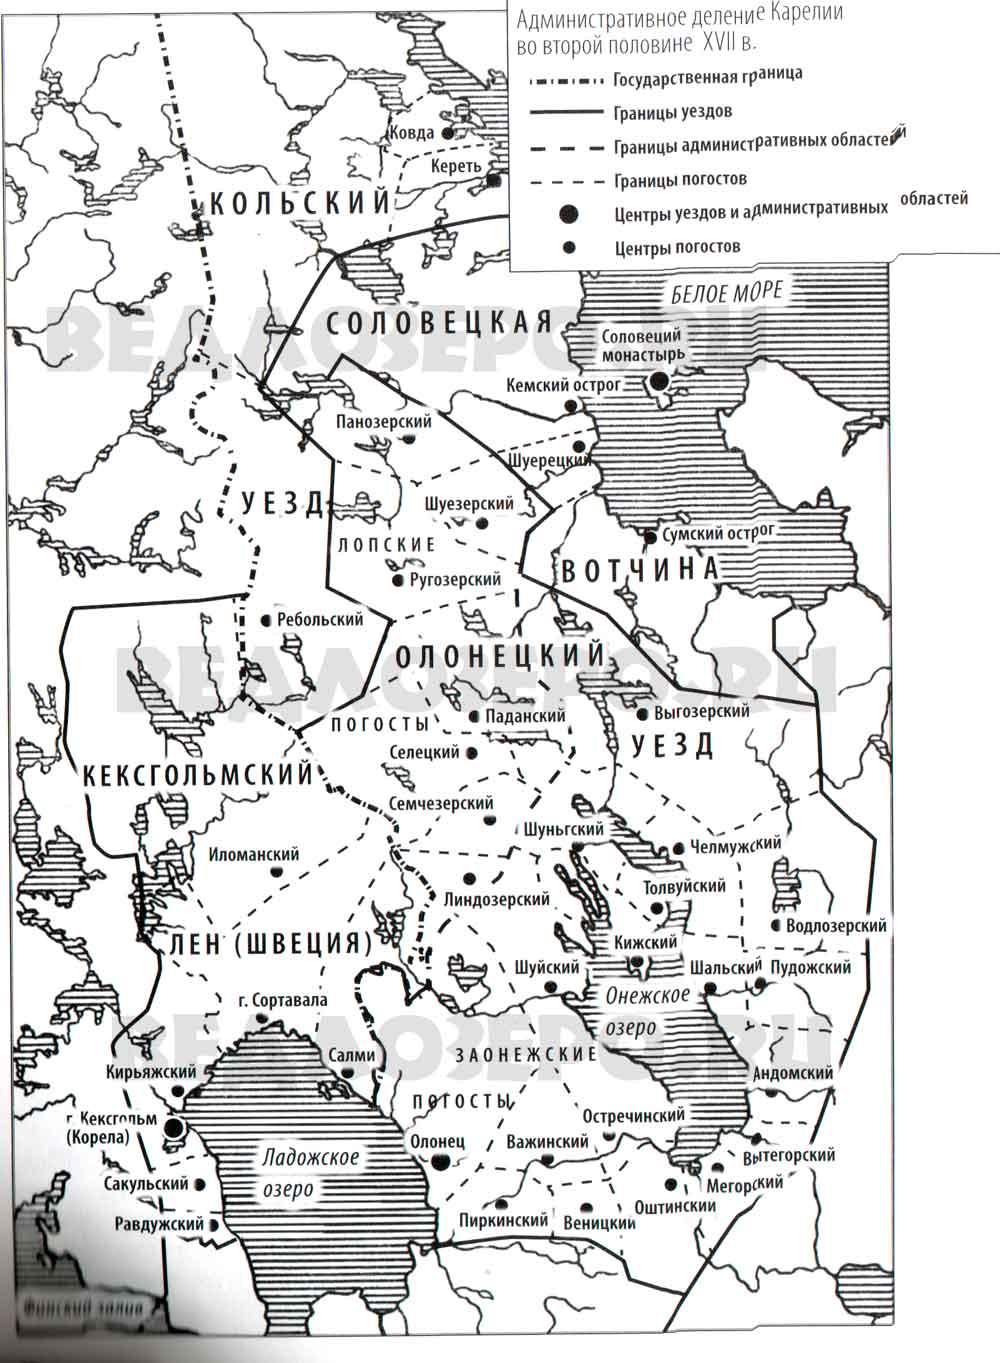 Карта административного деления Карелии во второй половине XVII века